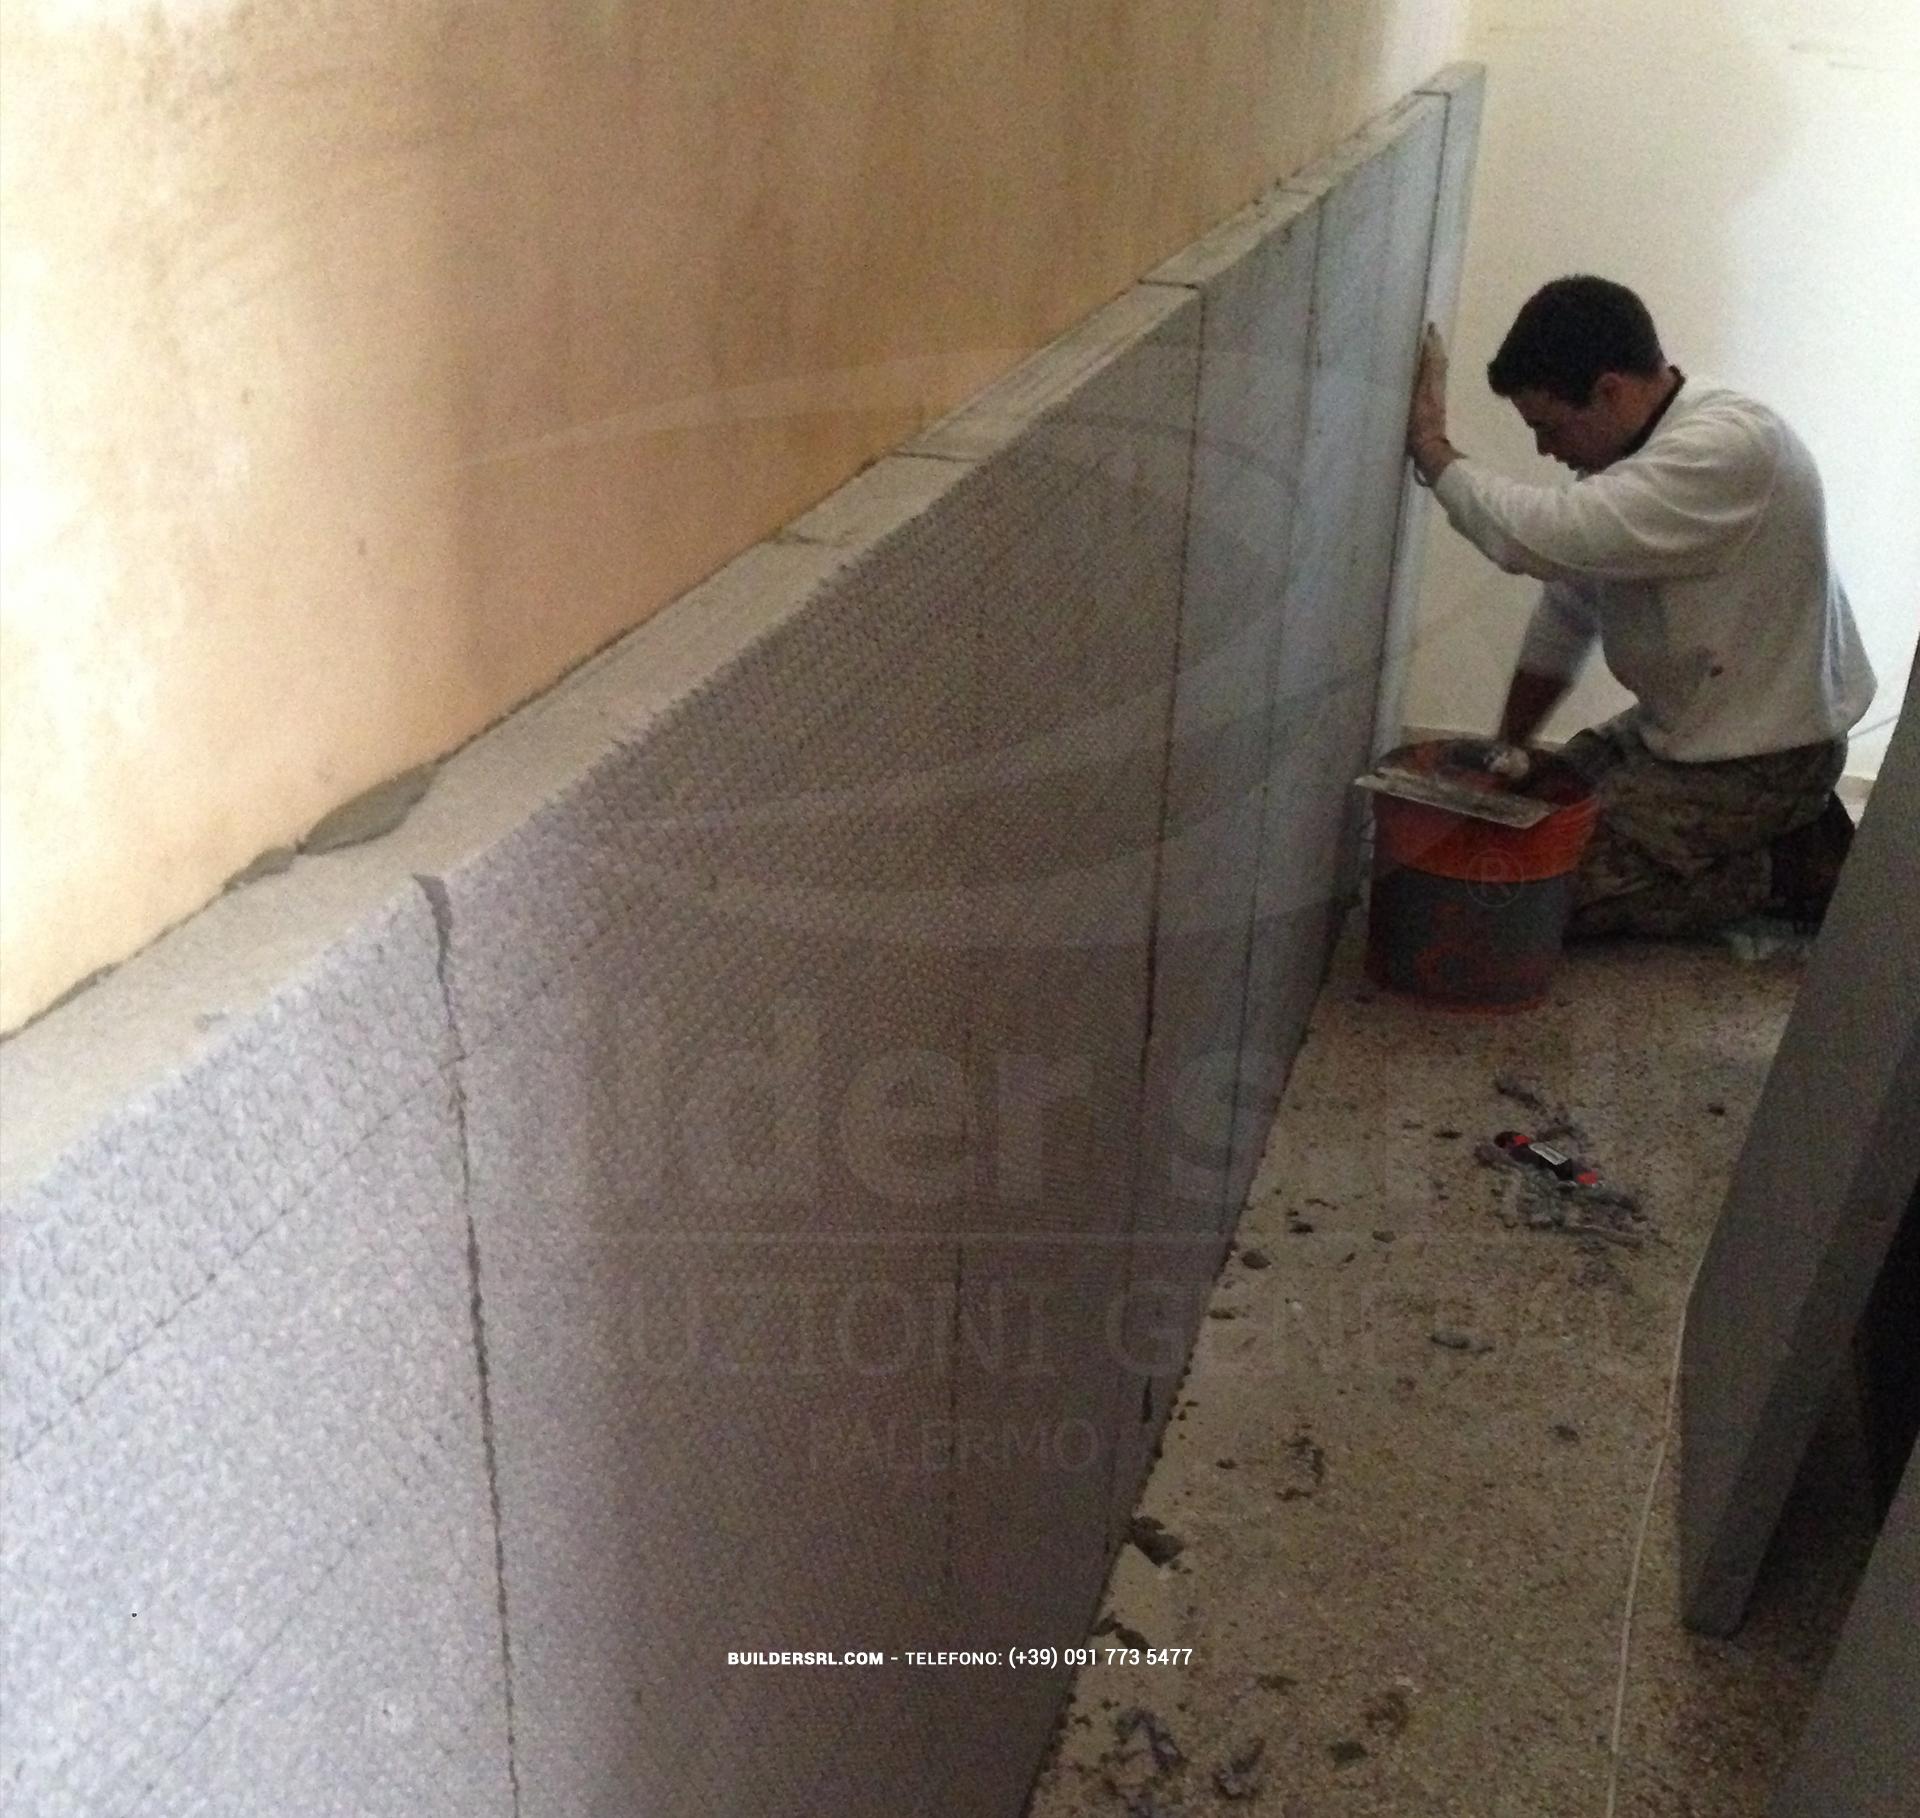 Casa immobiliare accessori isolamento termico pareti for Isolamento termico pareti interne